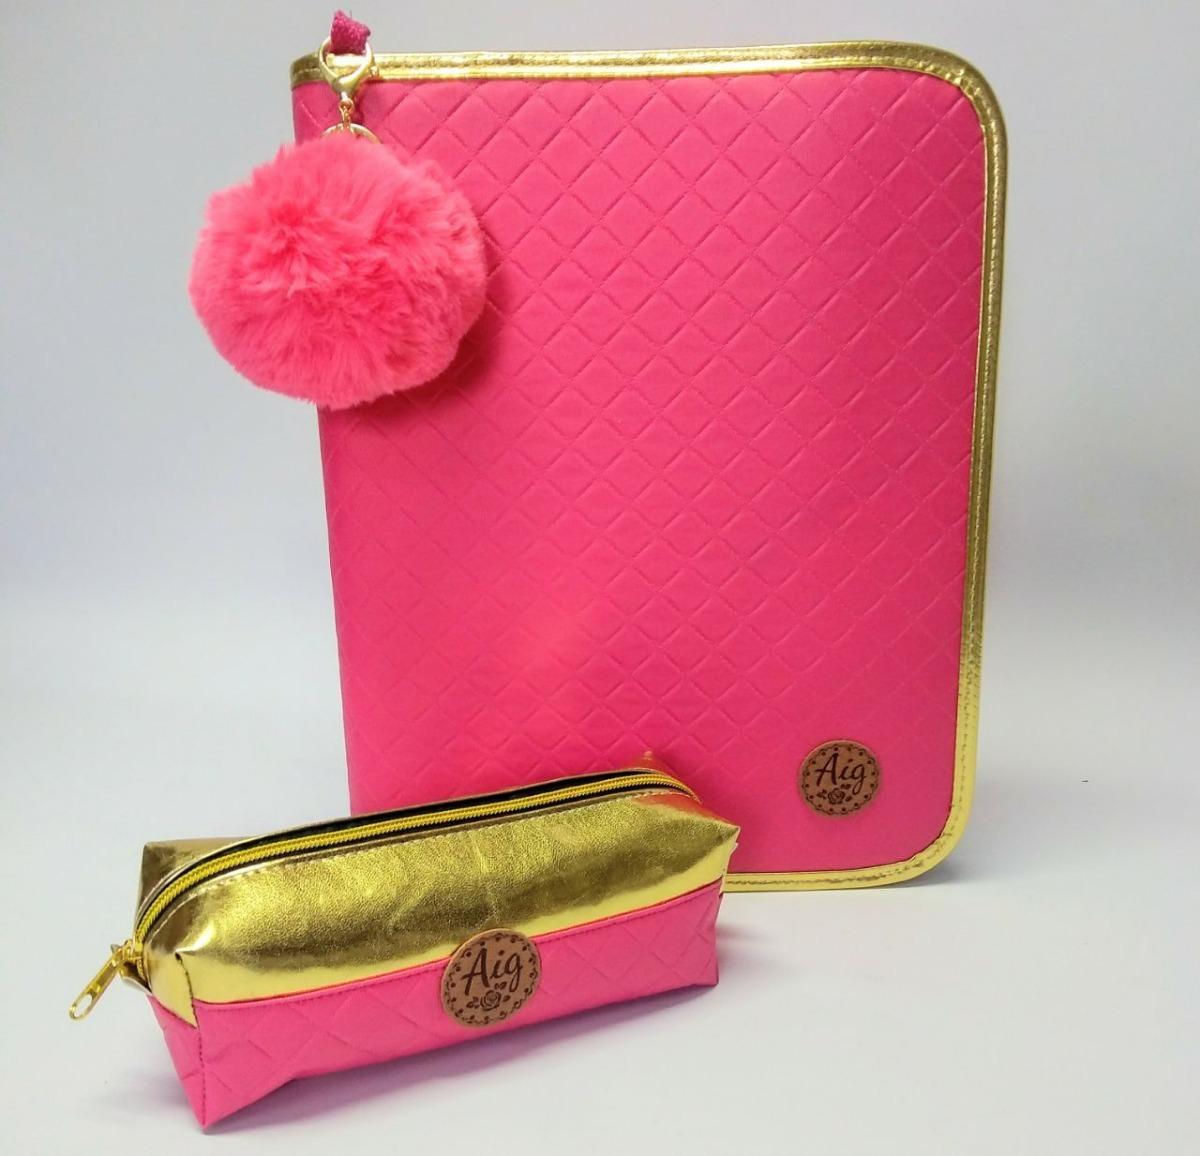 4a845ff38 kit fichário feminino + mochila + estojo matelâsse pink aig. Carregando zoom .